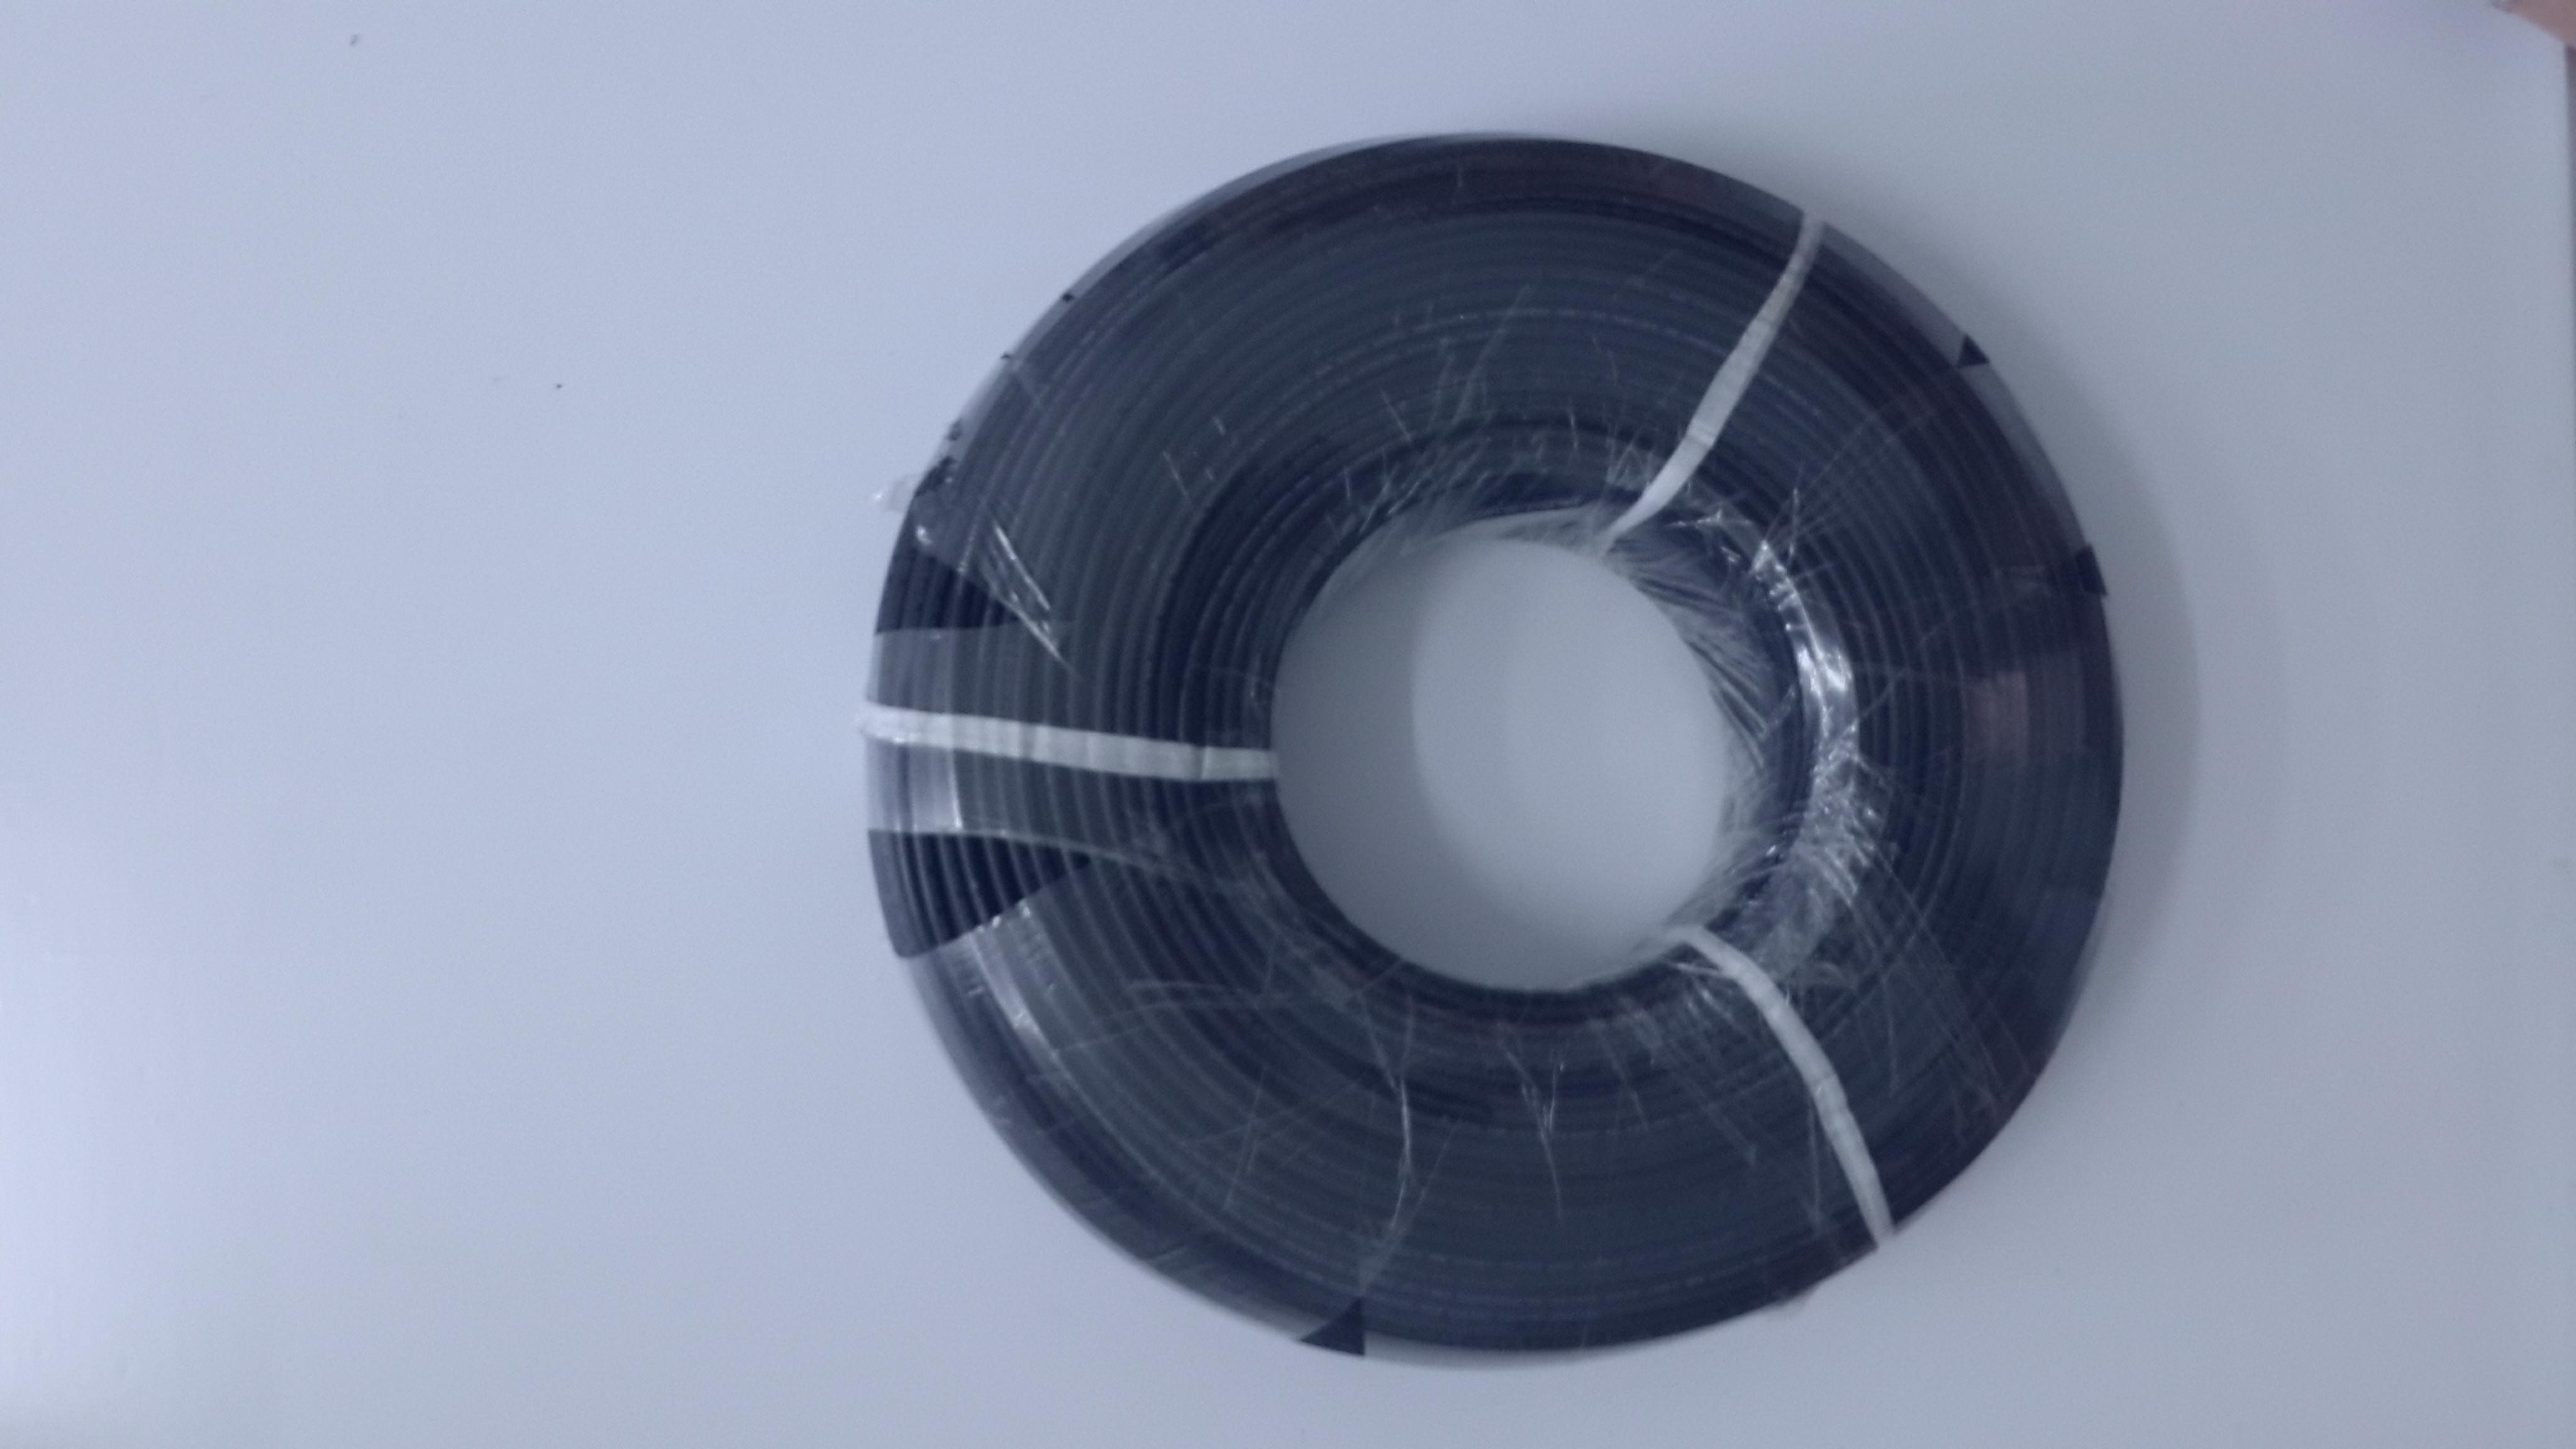 สายไฟโซล่าเซลล์_PV1-F 1*4 mm2 Blank